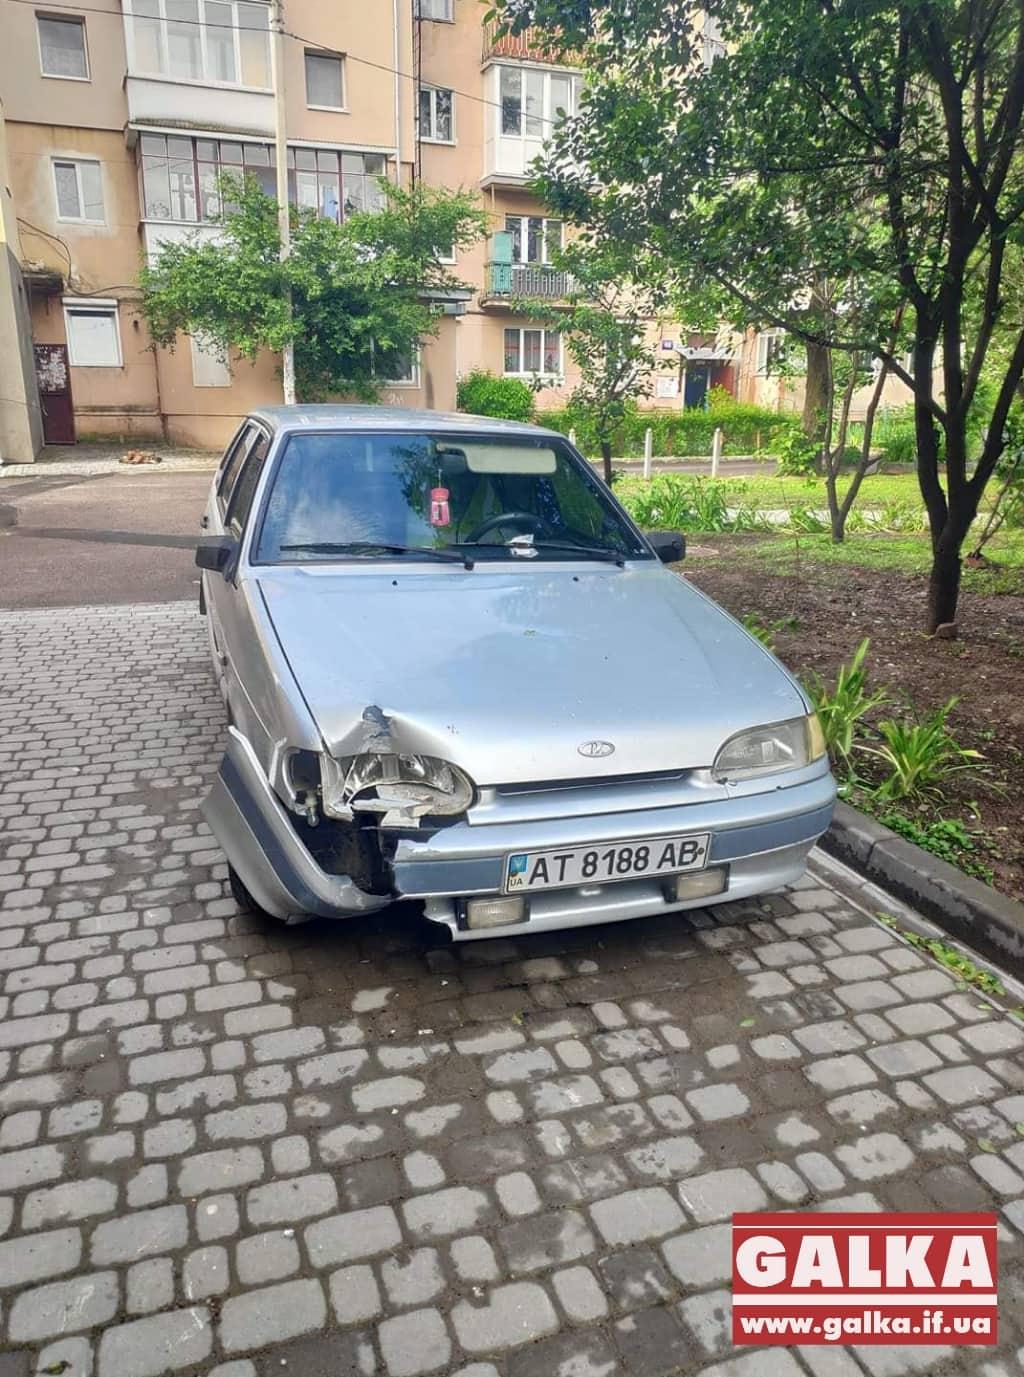 У франківському дворі в розбитій машині знайшли п'яного водія (ФОТОФАКТ)